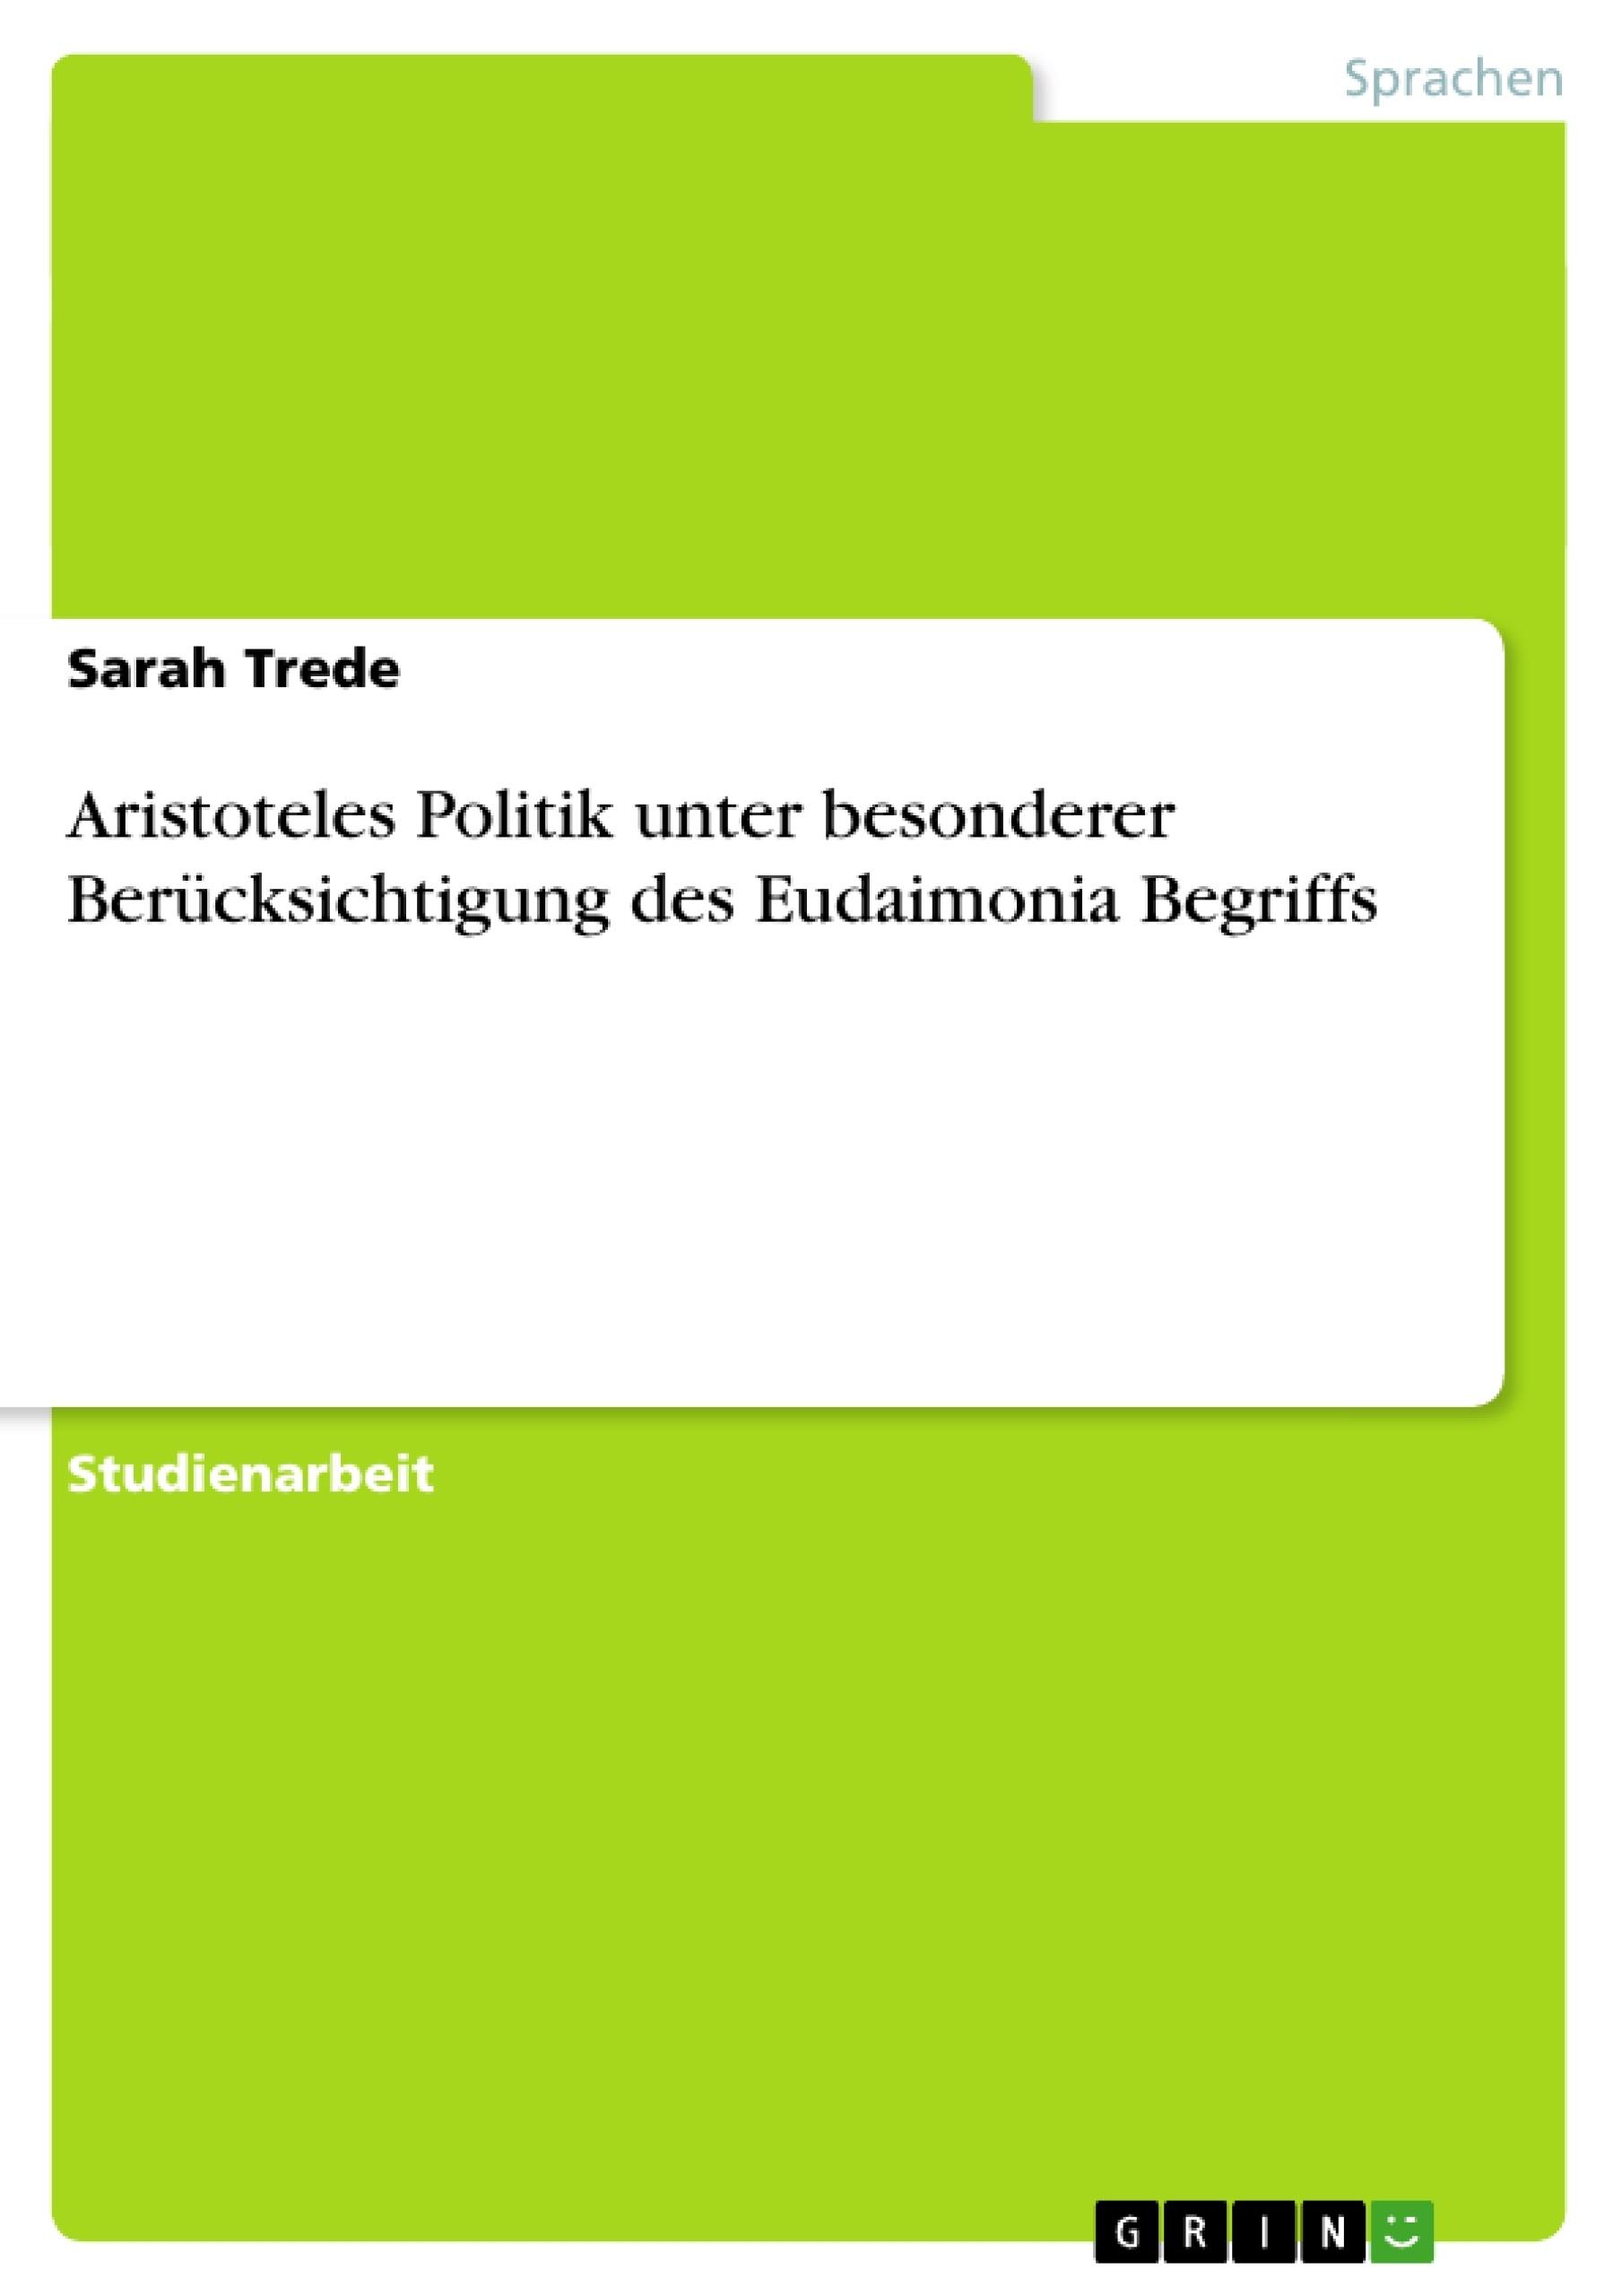 Titel: Aristoteles Politik unter besonderer Berücksichtigung des Eudaimonia Begriffs